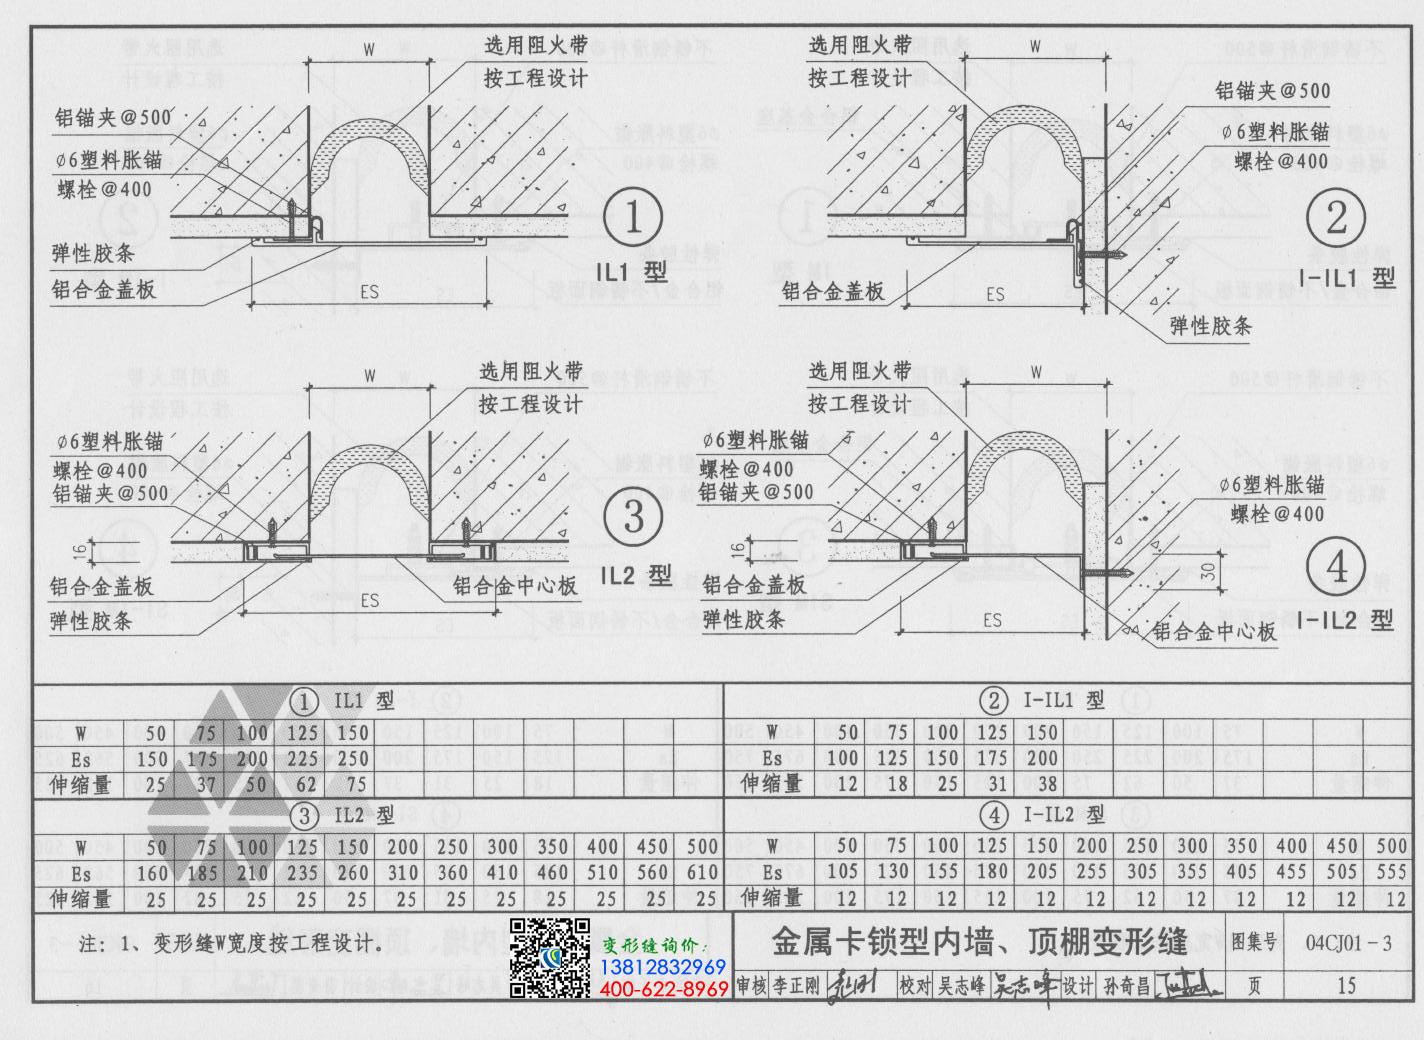 变形缝图集04cj01-3第15页:金属卡锁型内墙、顶棚变形缝